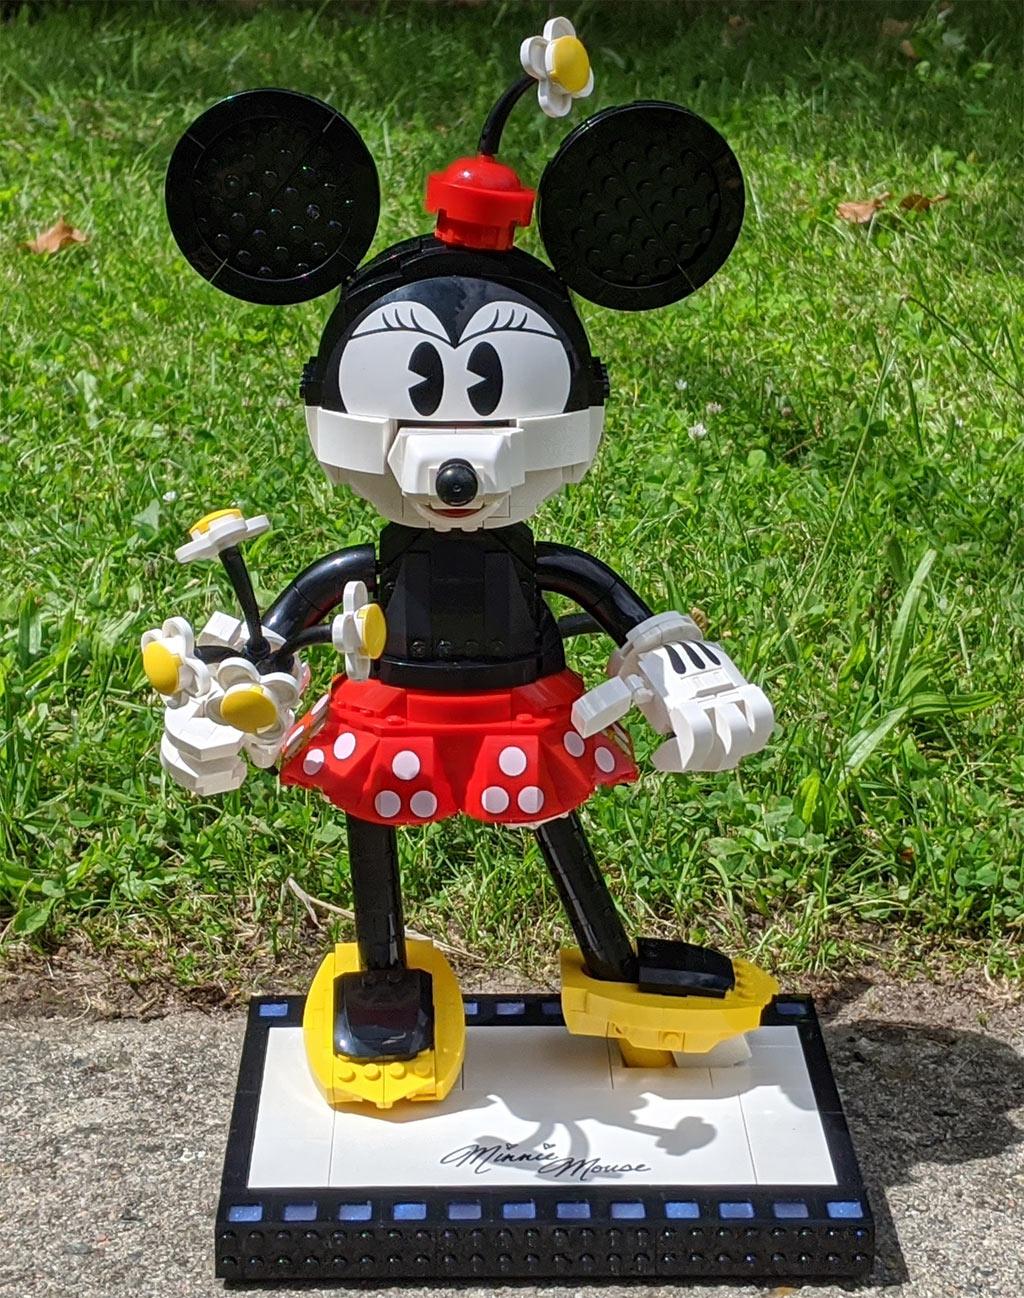 lego-43179-disney-mickey-mouse-minnie-mouse-2020-front-minnie-sonne-zusammengebaut-andres-lehmann zusammengebaut.com